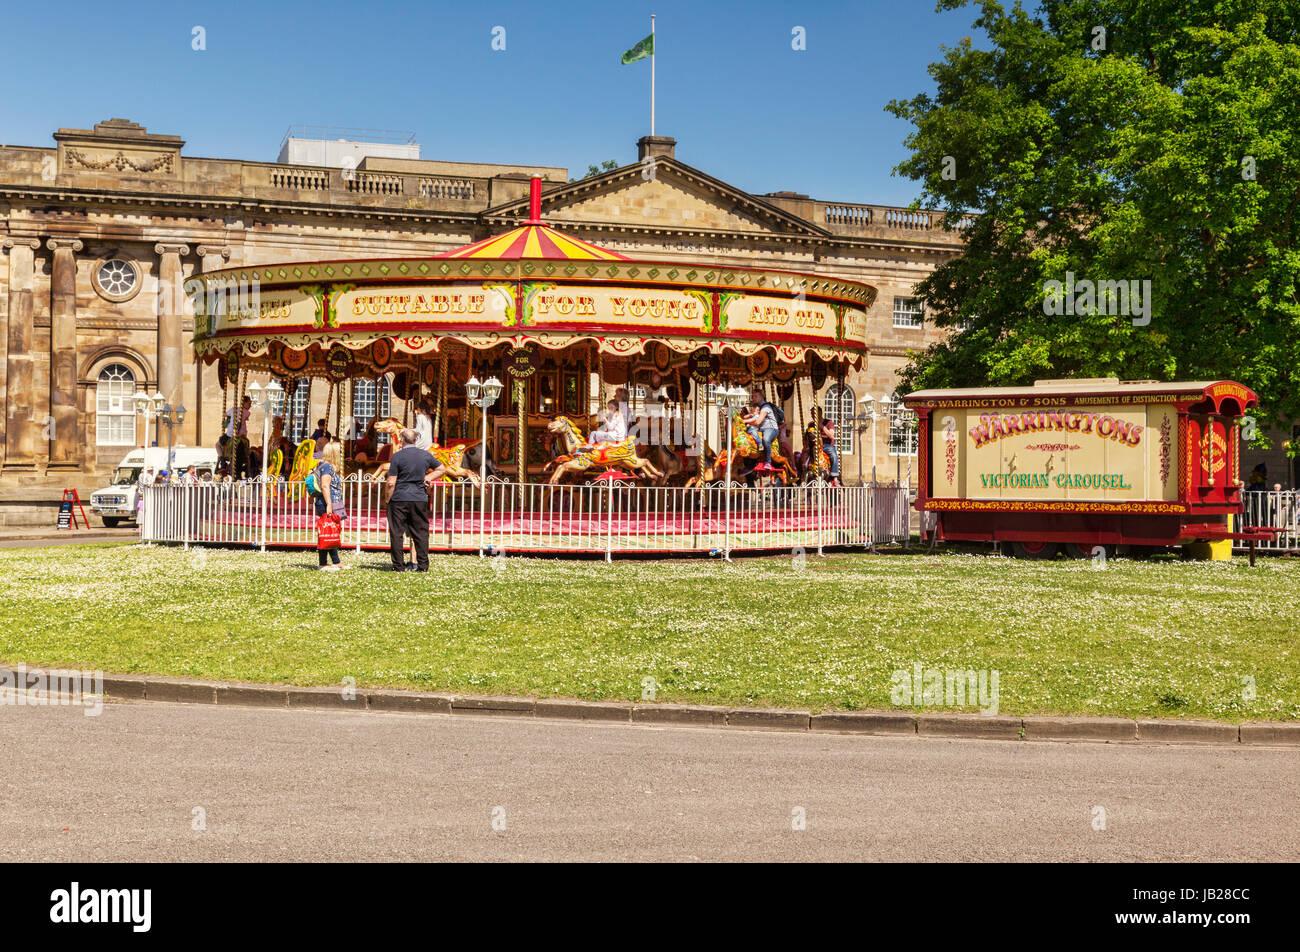 El 31 de mayo de 2017: York, North Yorkshire, Inglaterra, Reino Unido - un carrusel de estilo victoriano en el césped Imagen De Stock